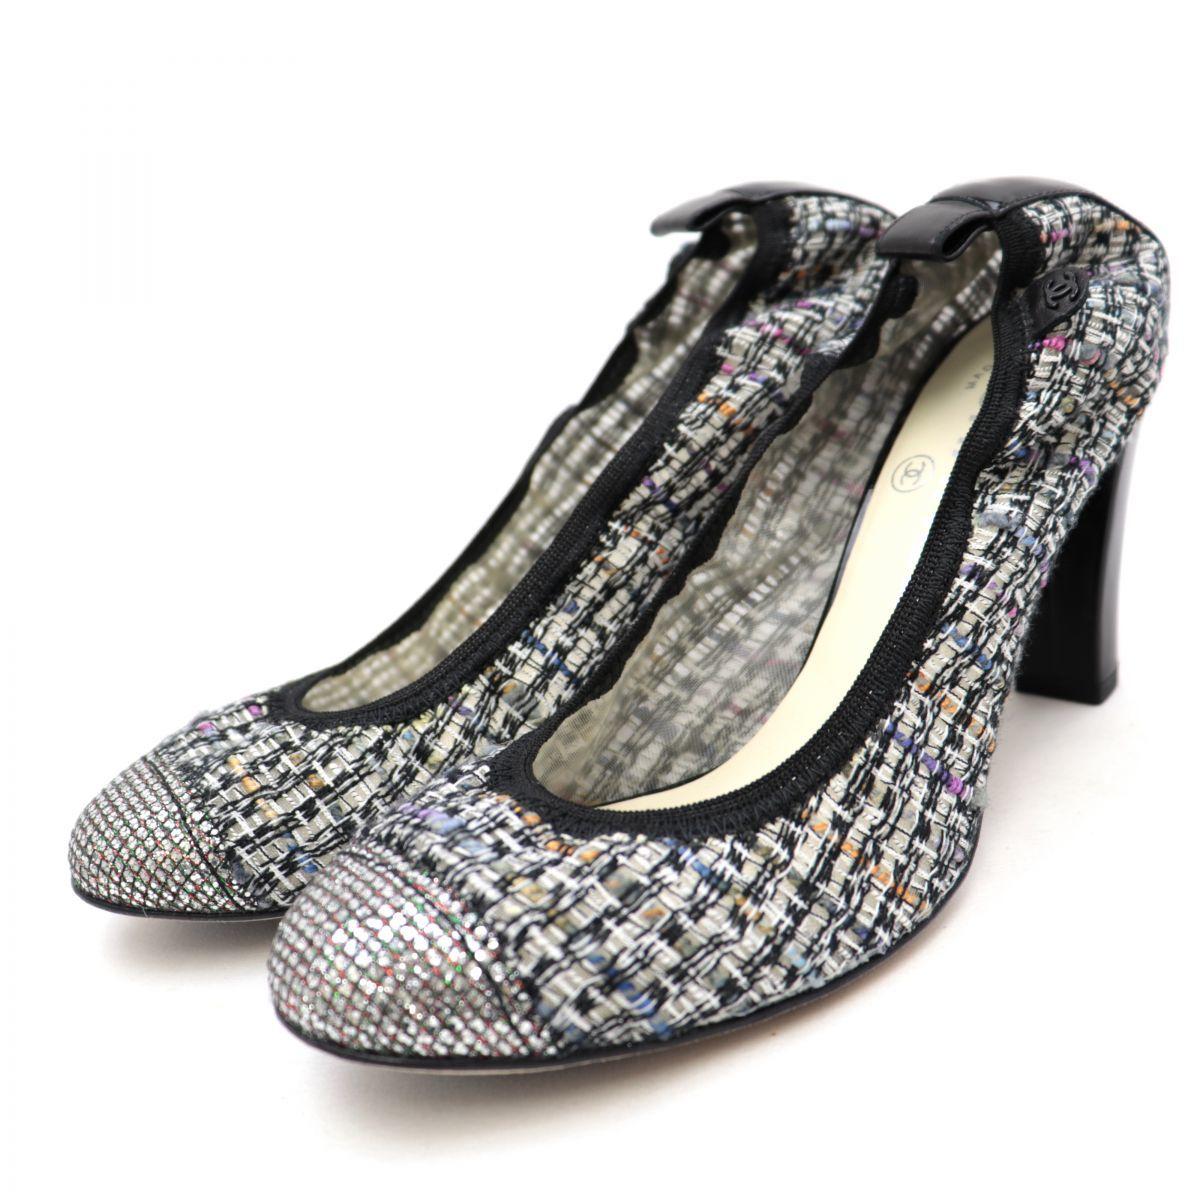 Chanel Tweed Heel Pumps Women's Gray Multi Silver 37C Coco Mark Cap Toe